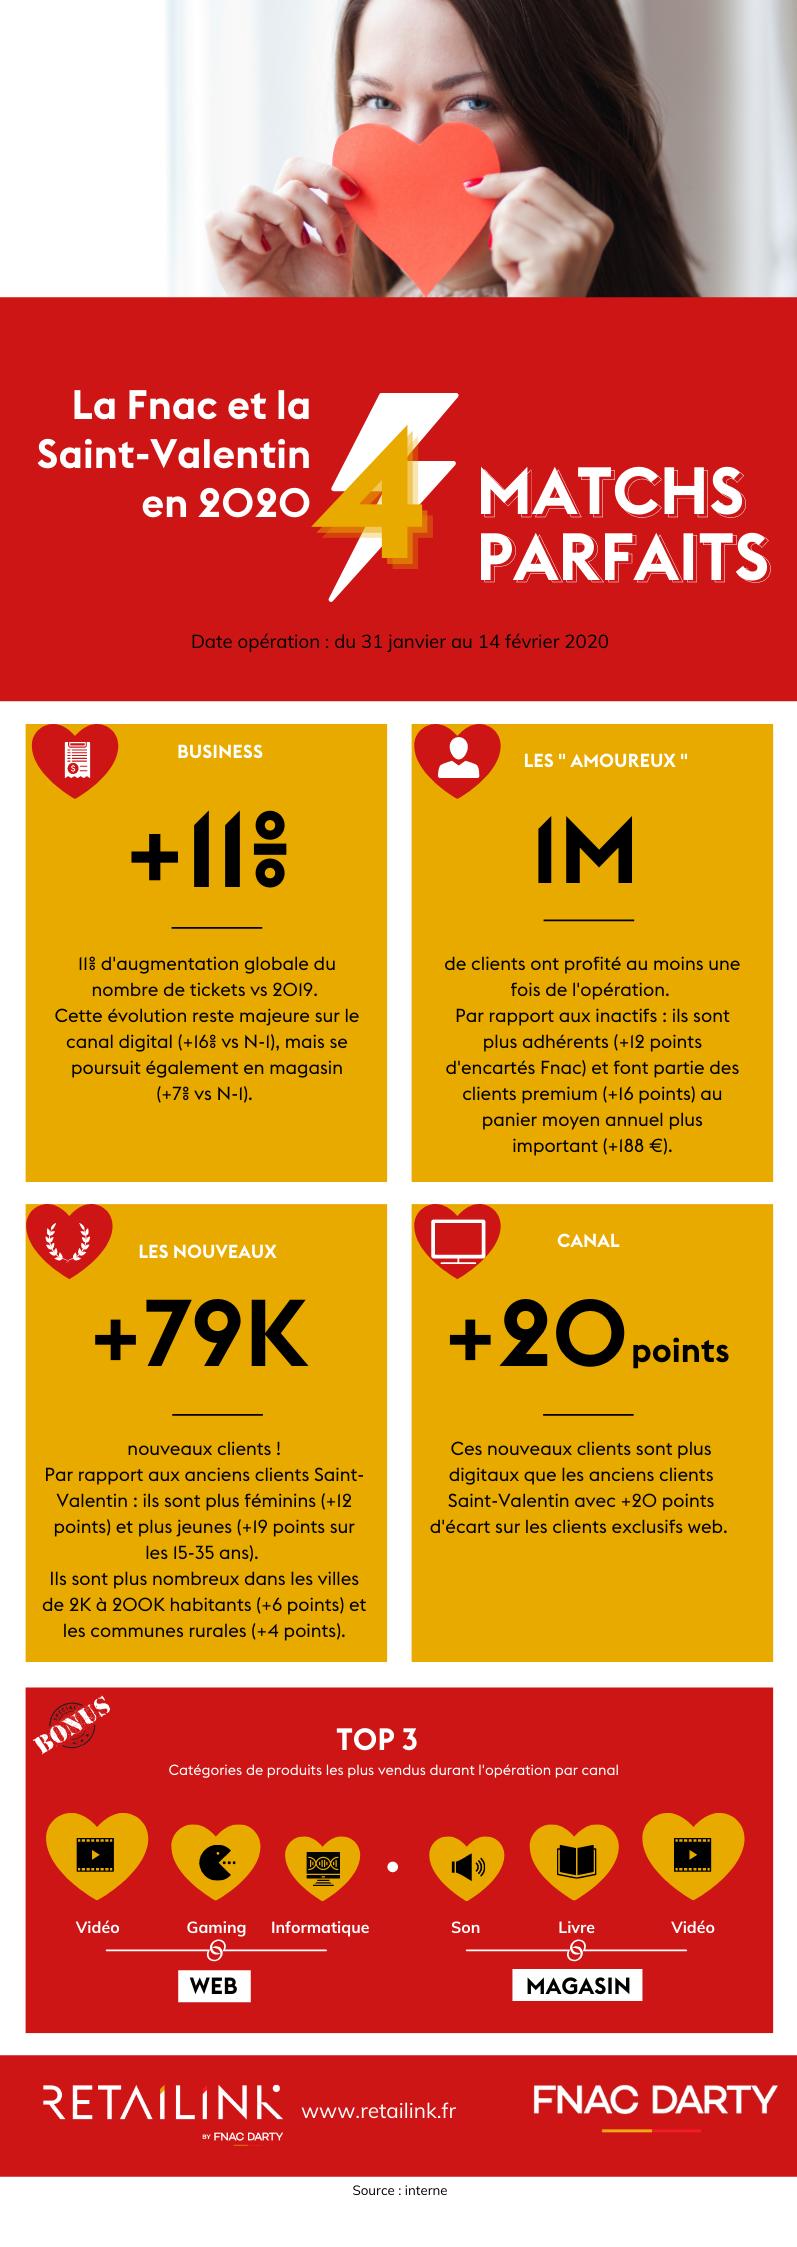 Retailink Fnac Darty Infographie chiffres-clés sur la Saint-Valentin à la Fnac